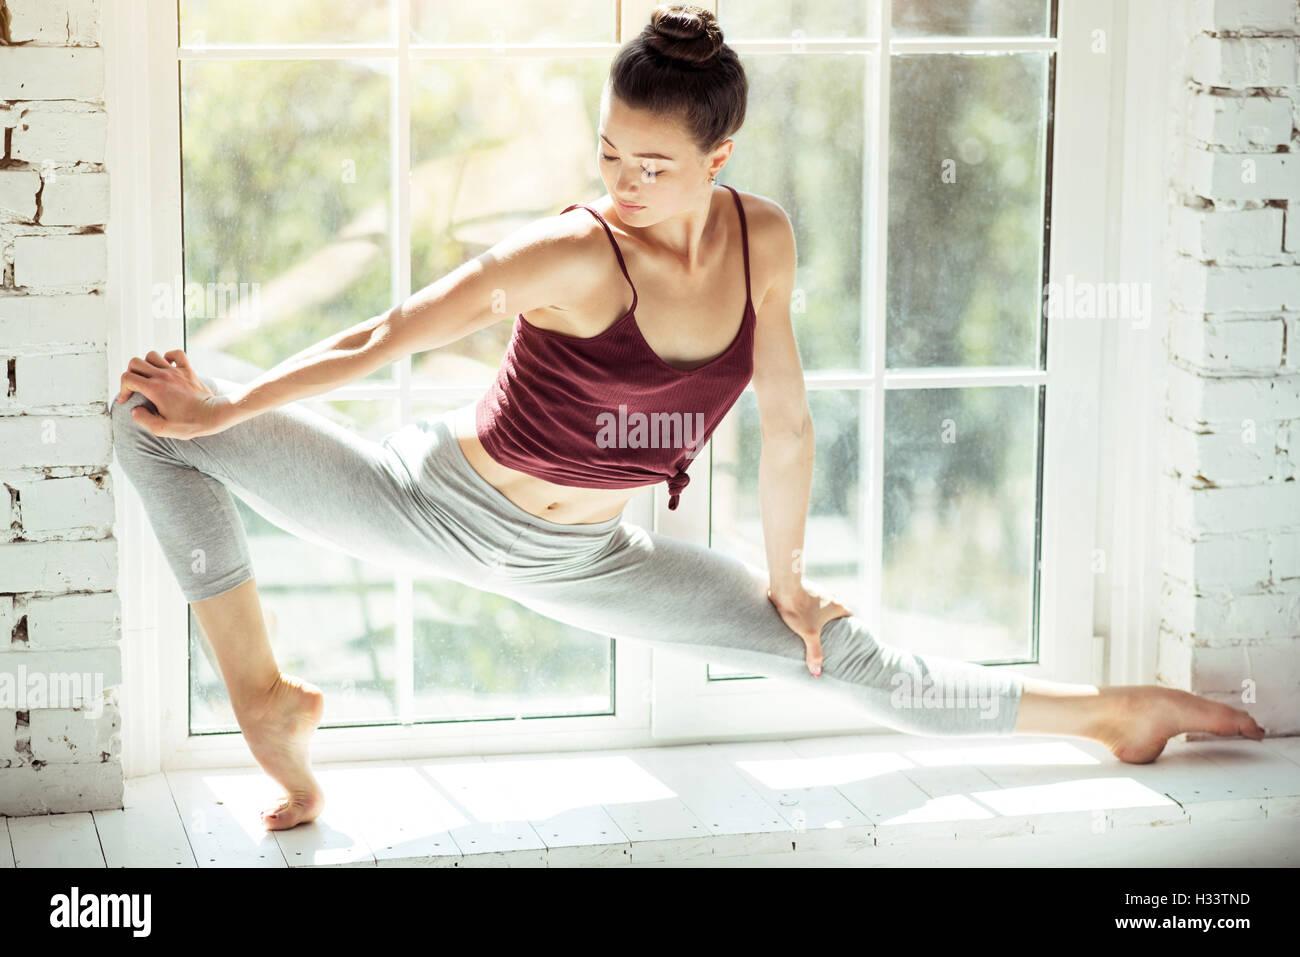 Bella bailarina estirando su cuerpo Imagen De Stock